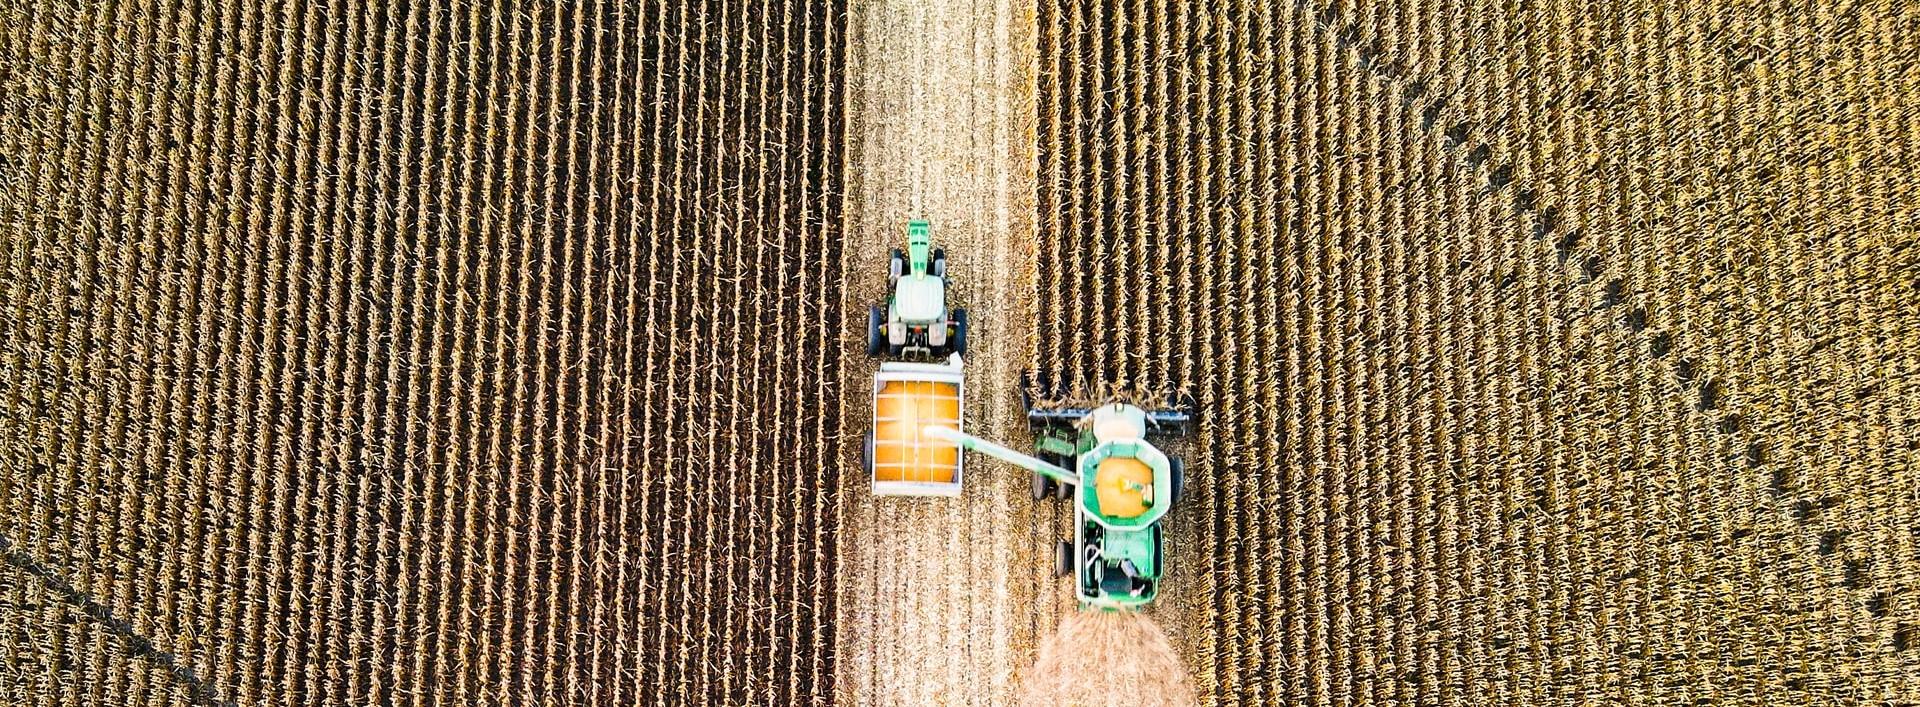 Máquinas agrícolas: A importância da manutenção preventiva